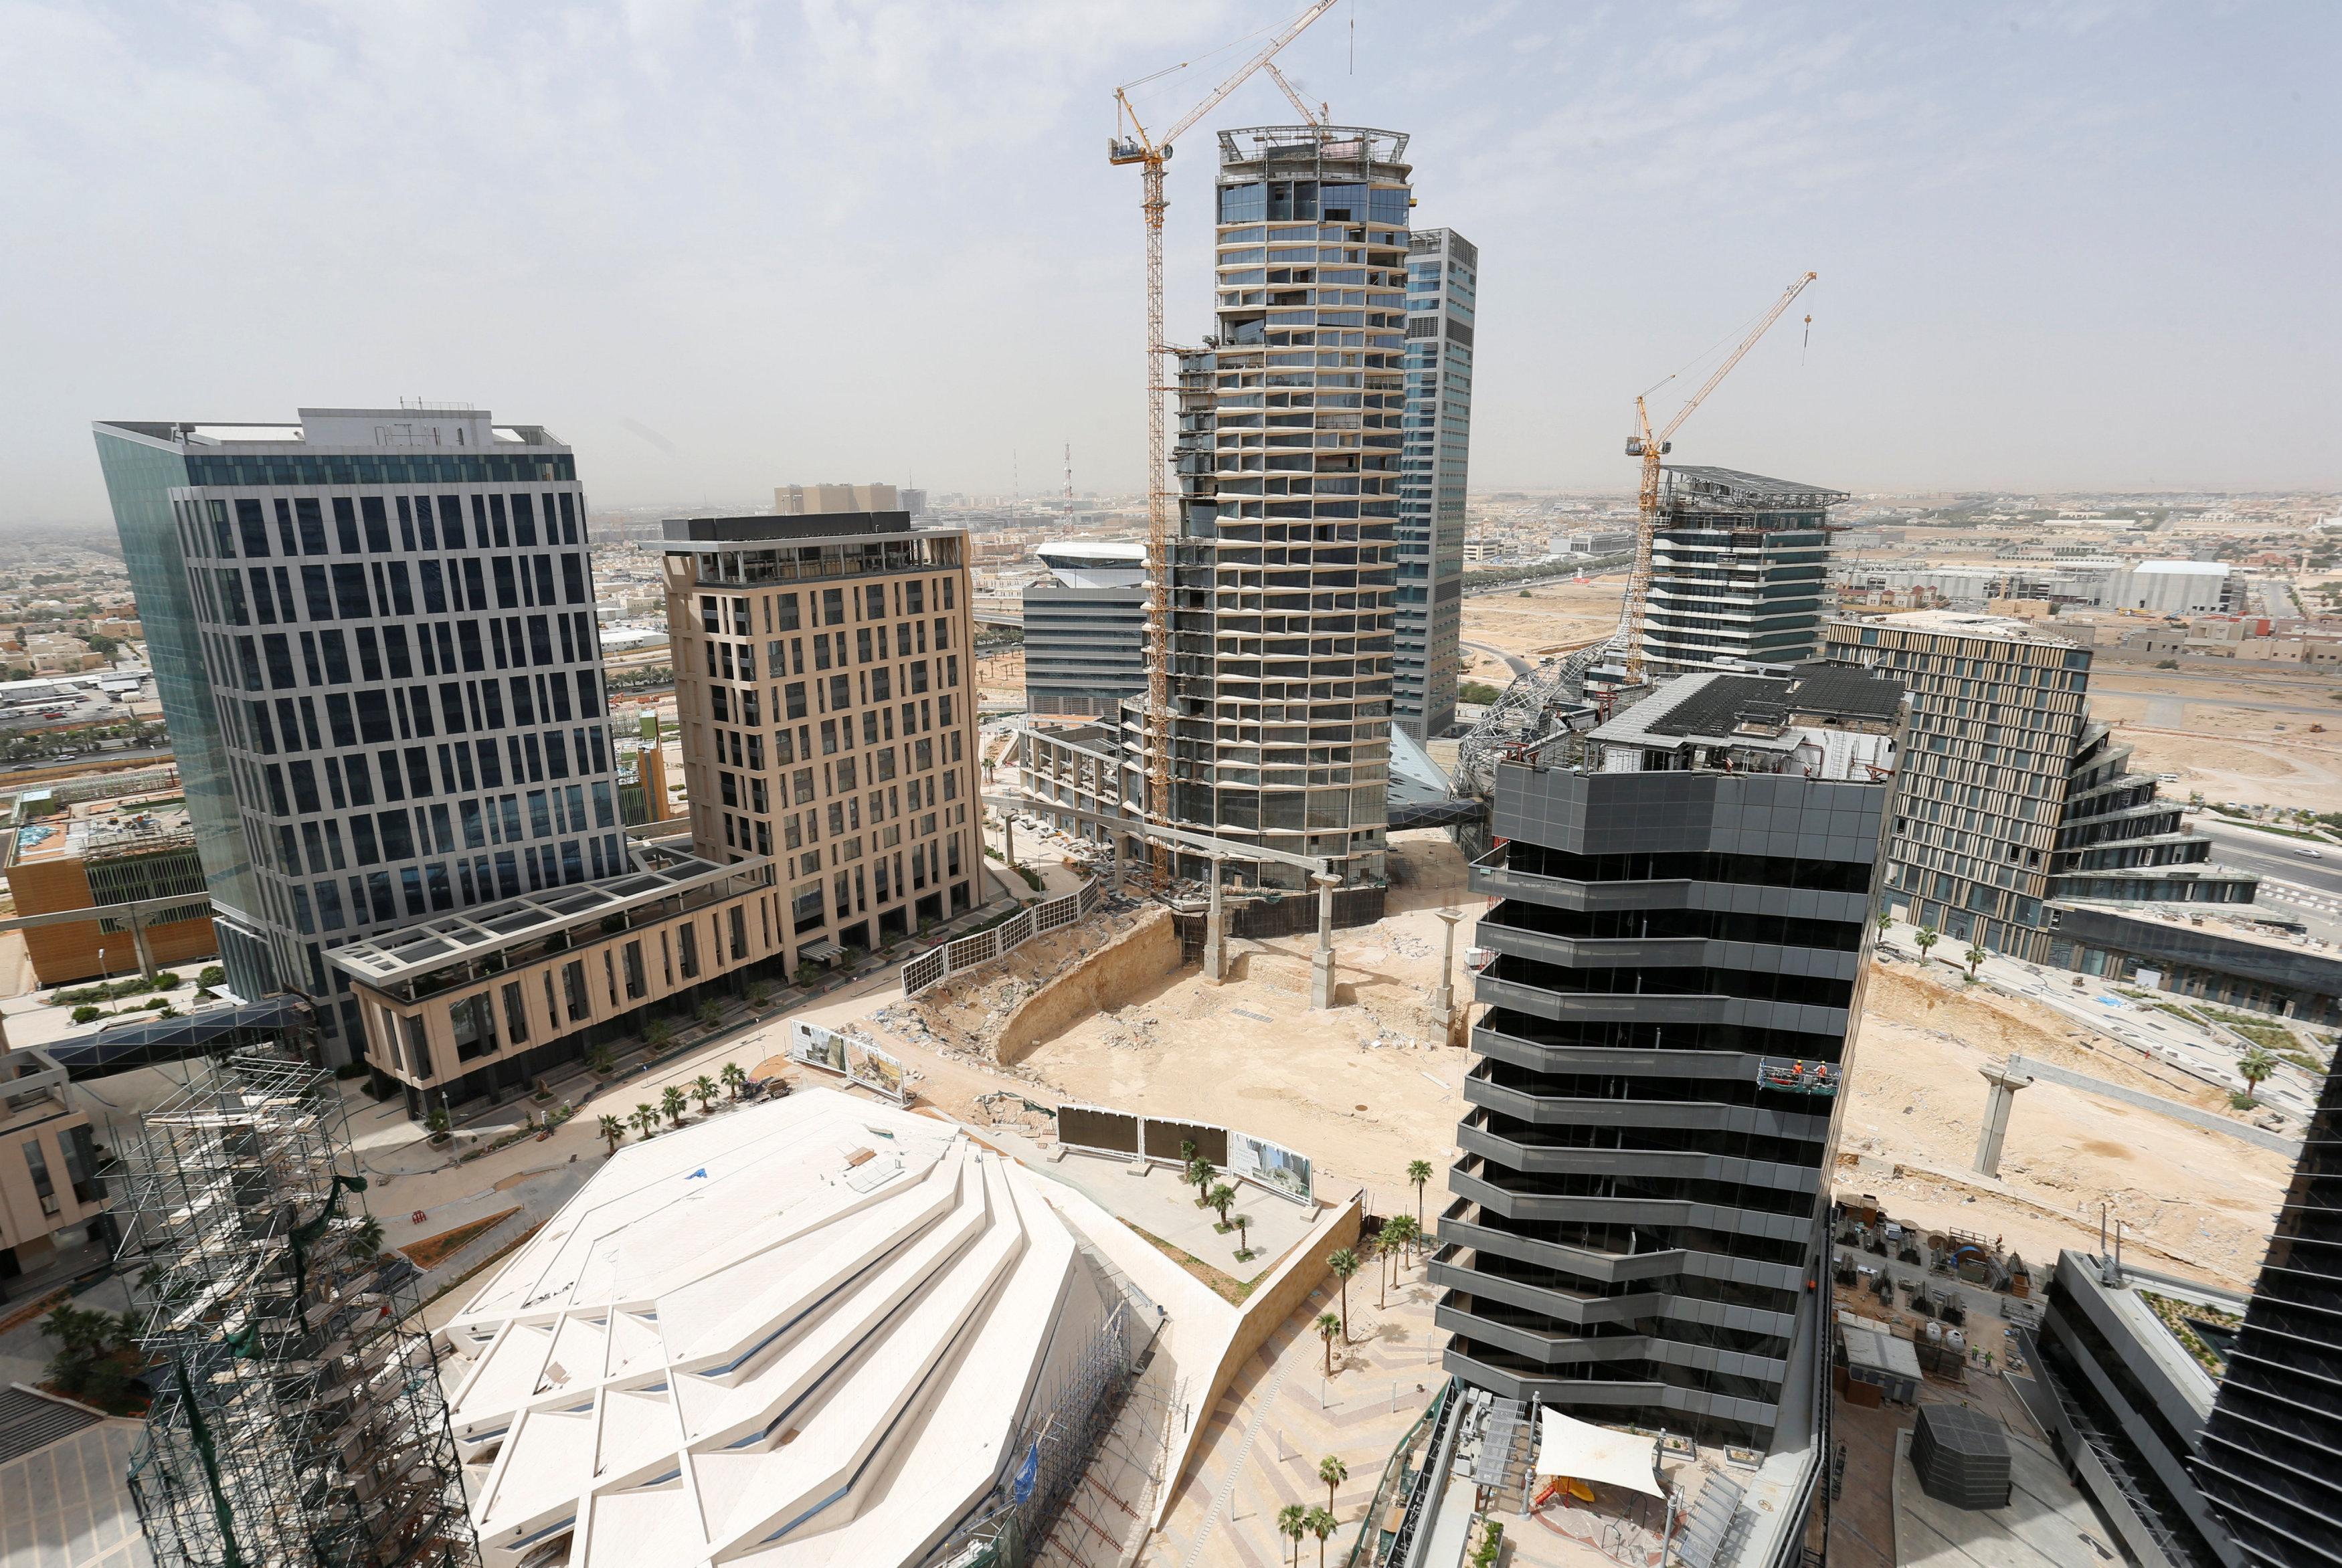 Saudi Arabia preparing tough rules for insurers